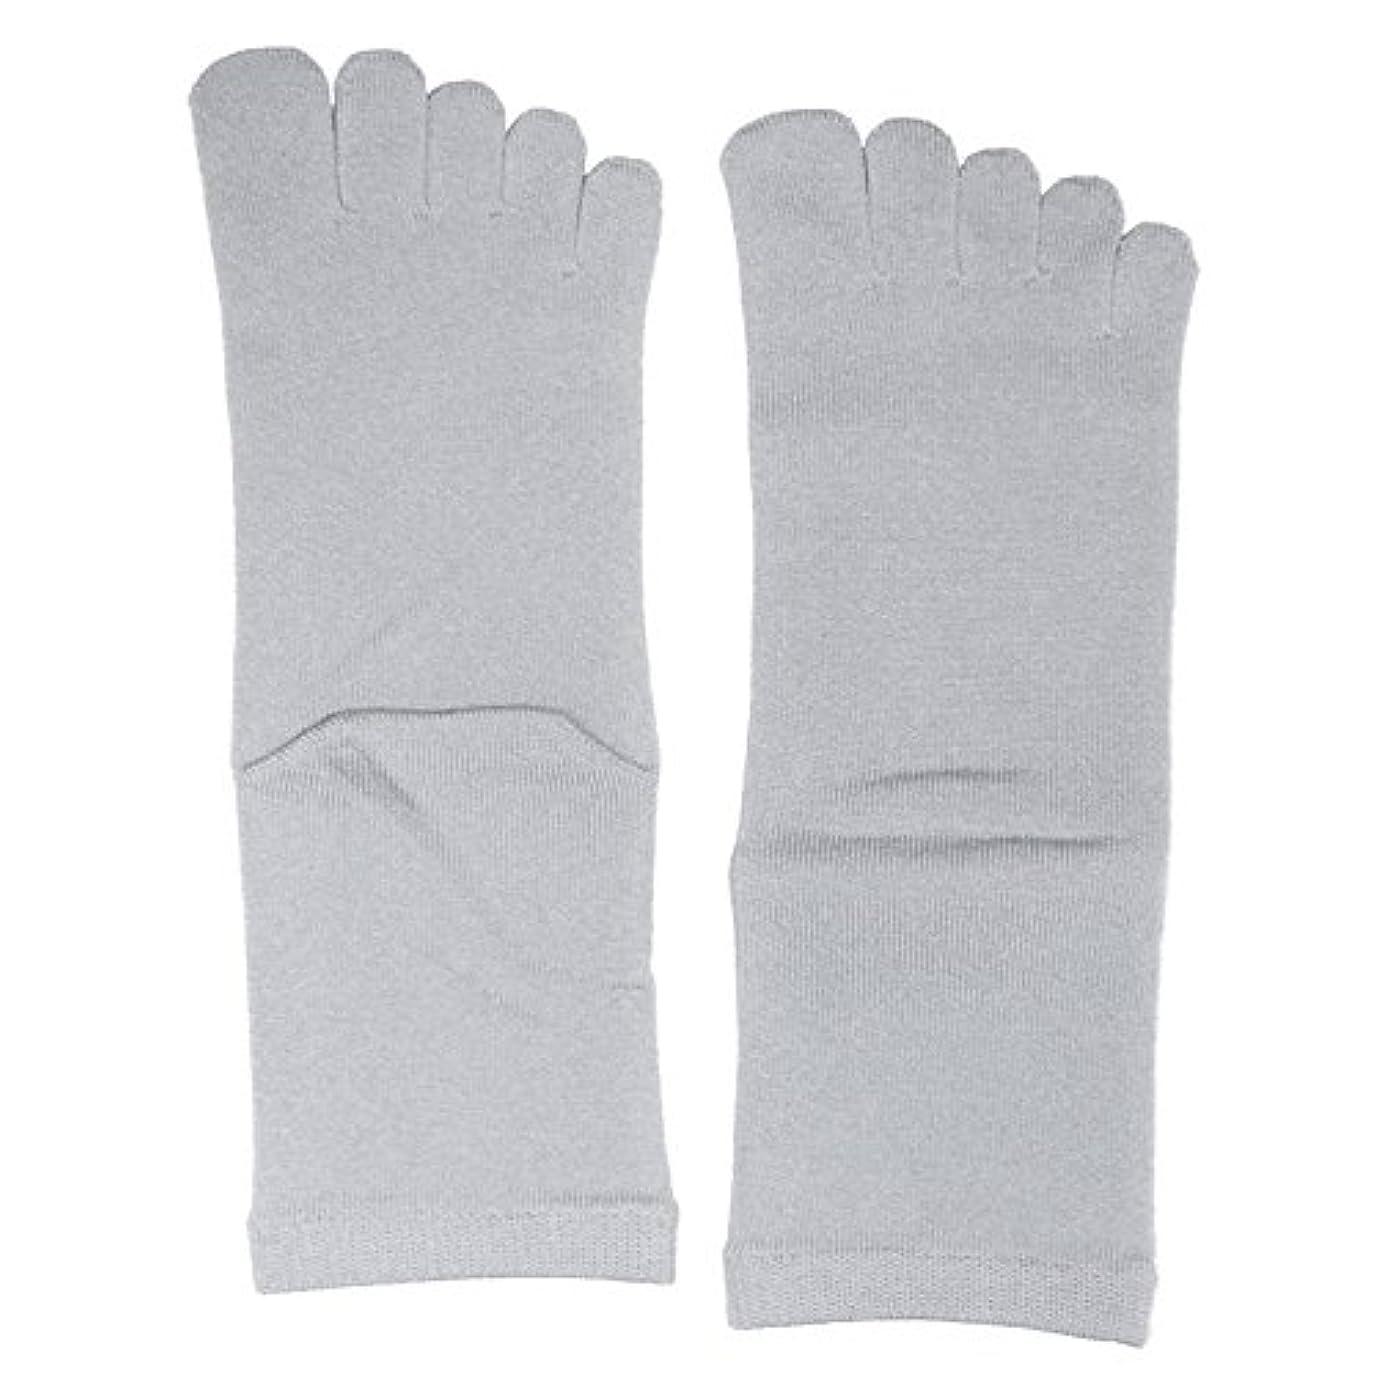 有利便宜クリーナー【3足セット】 シルク五本指ソックス レギュラー丈 25-27cm 日本製 (シルバーグレー)絹 靴下